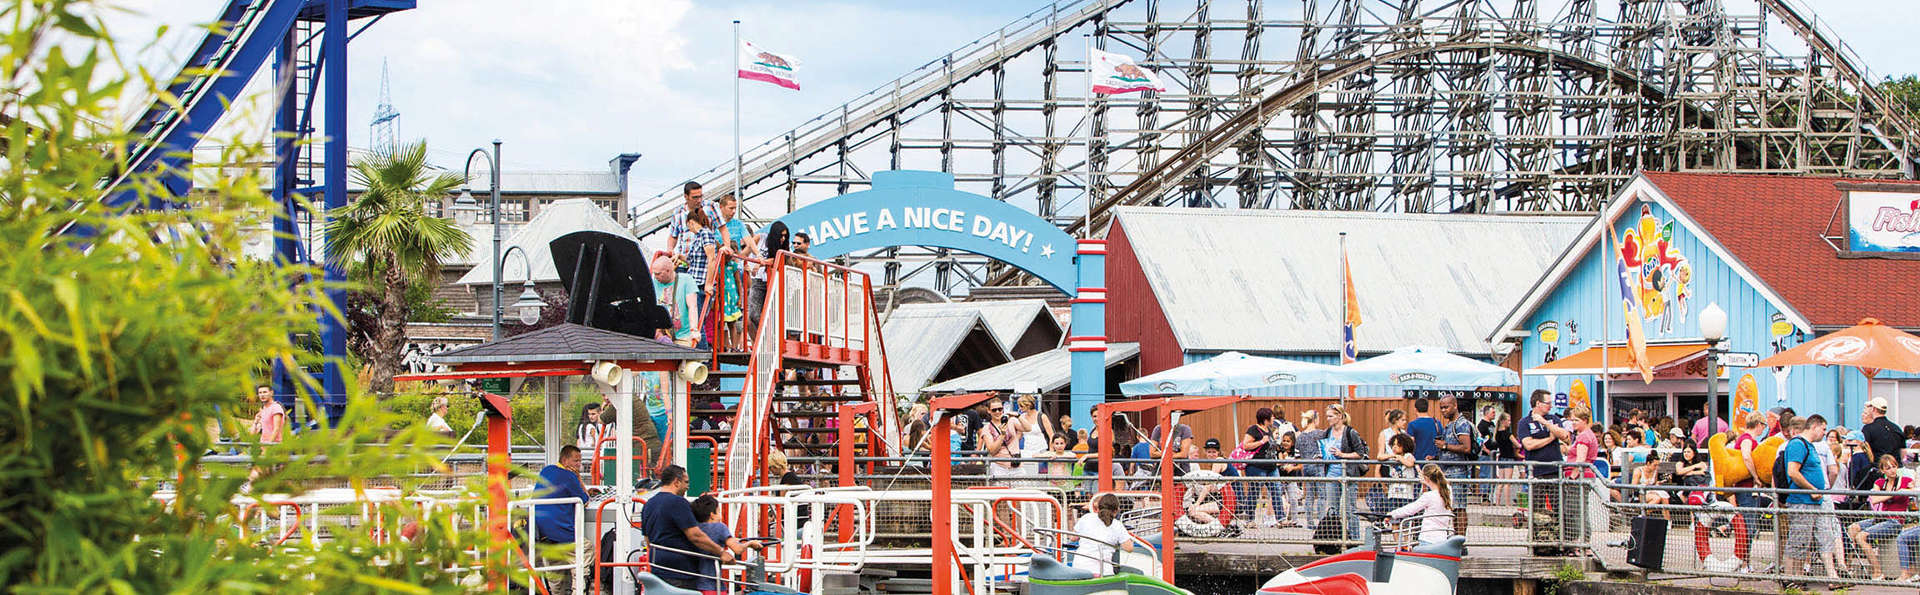 Visita la vibrante ciudad de Düsseldorf y el divertido parque de atracciones Movie Park